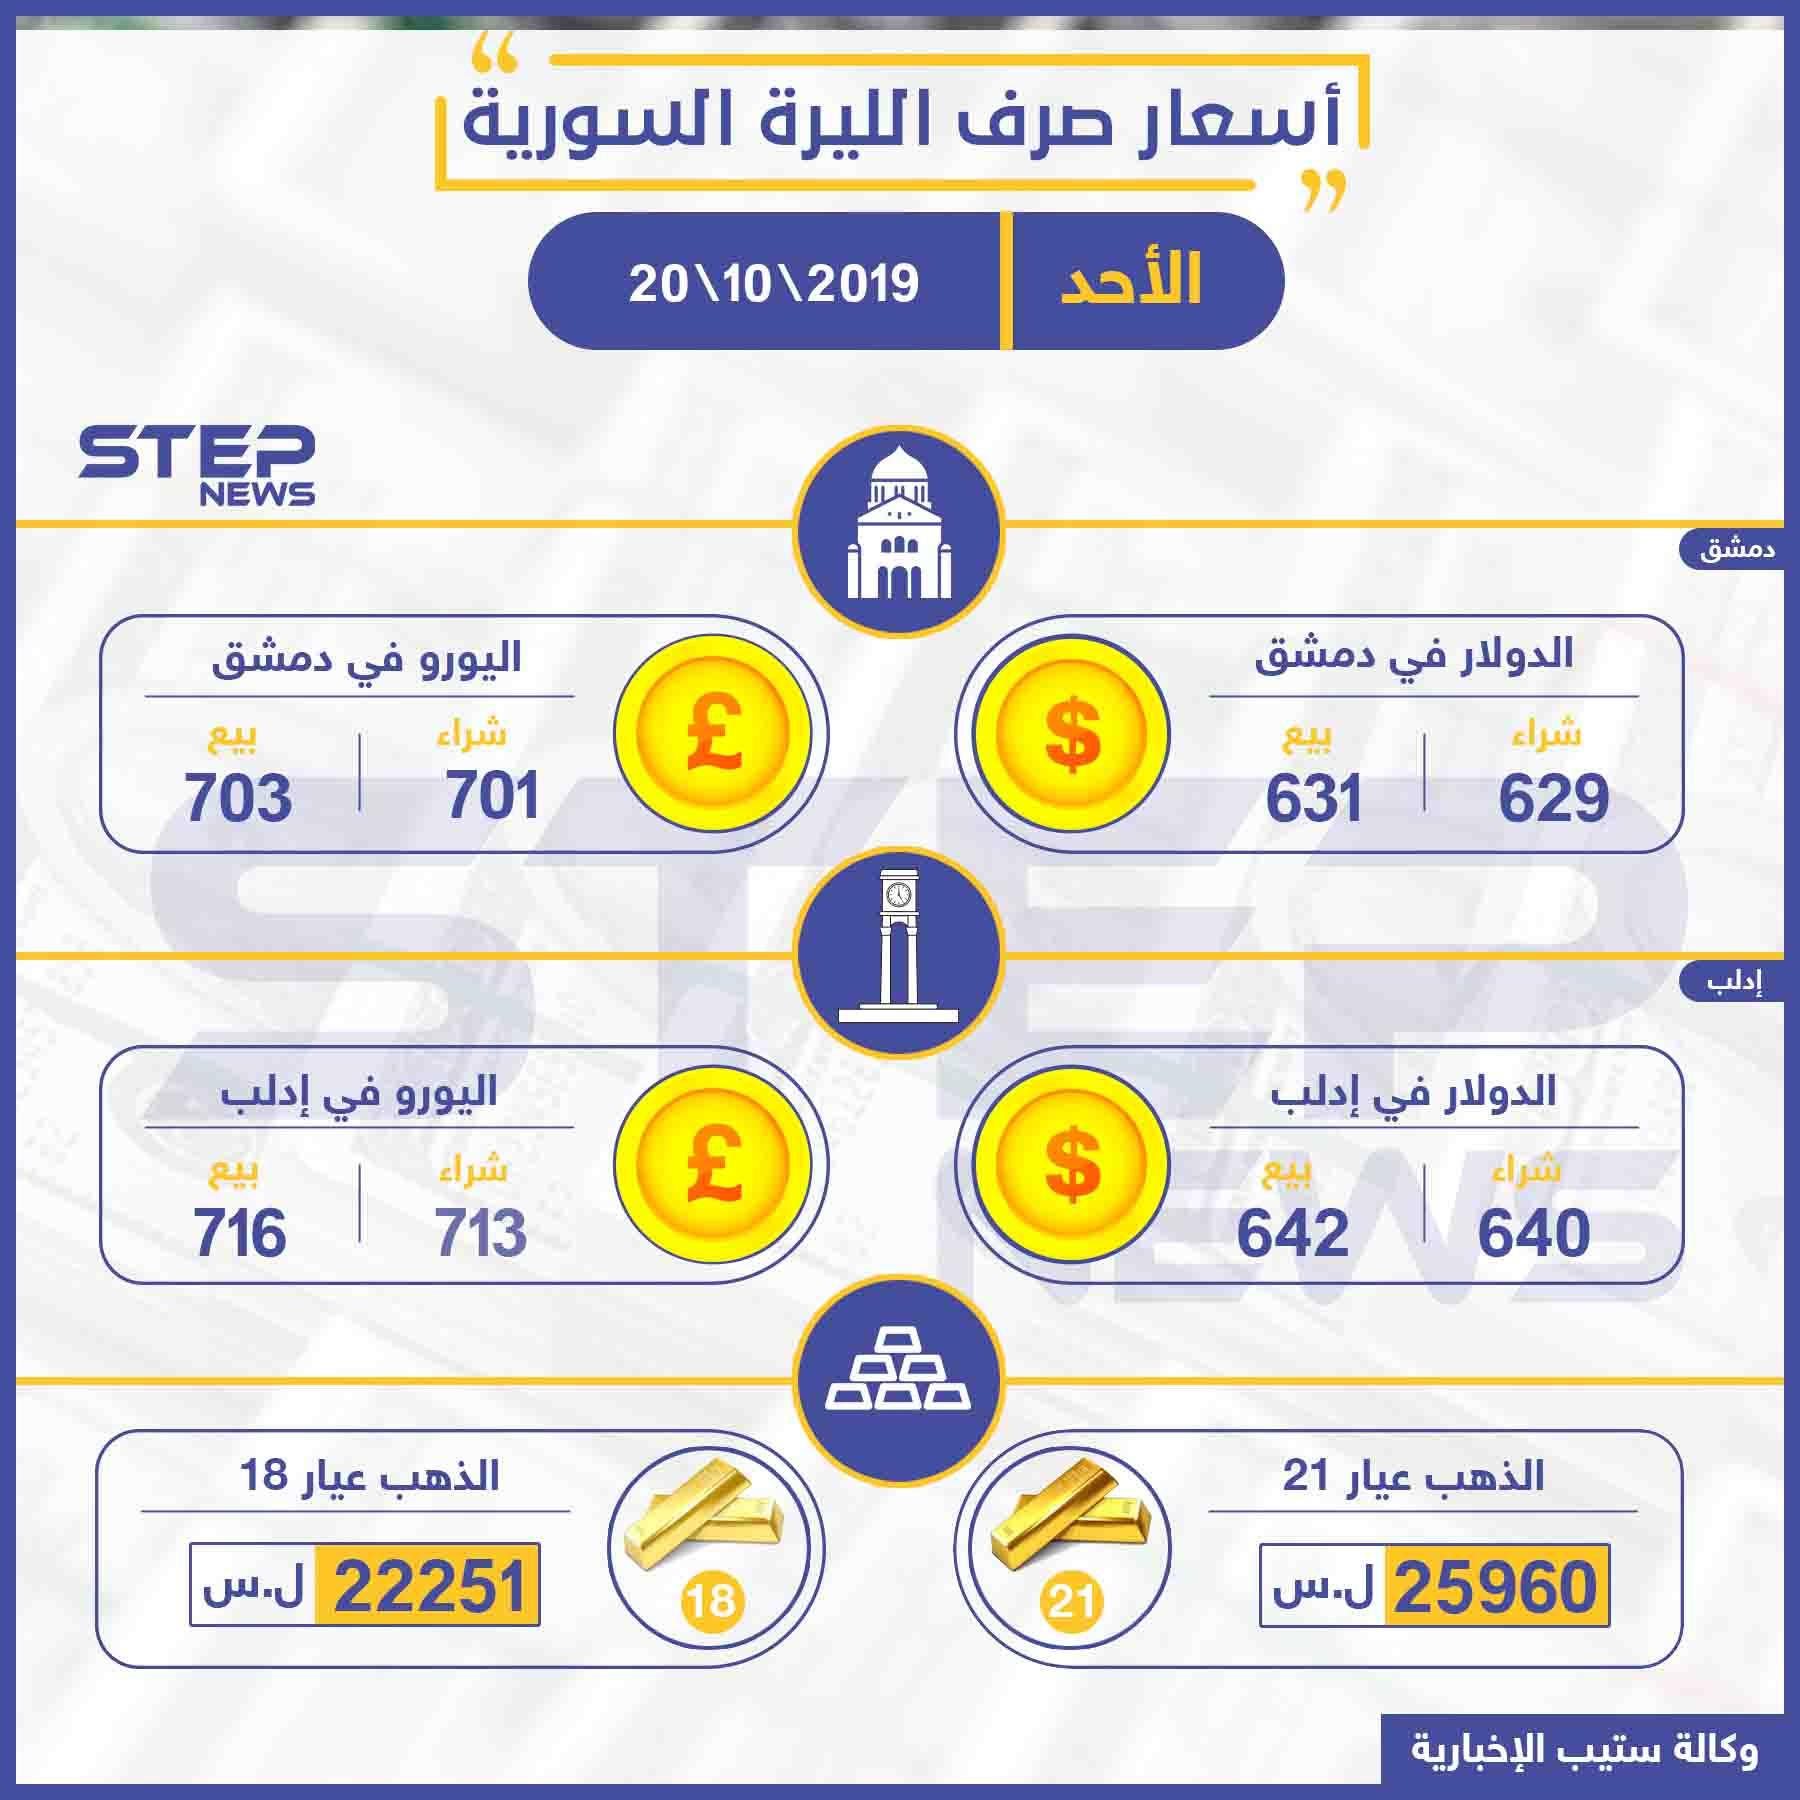 أسعار الذهب والعملات في سوريا اليوم 20-10-2019